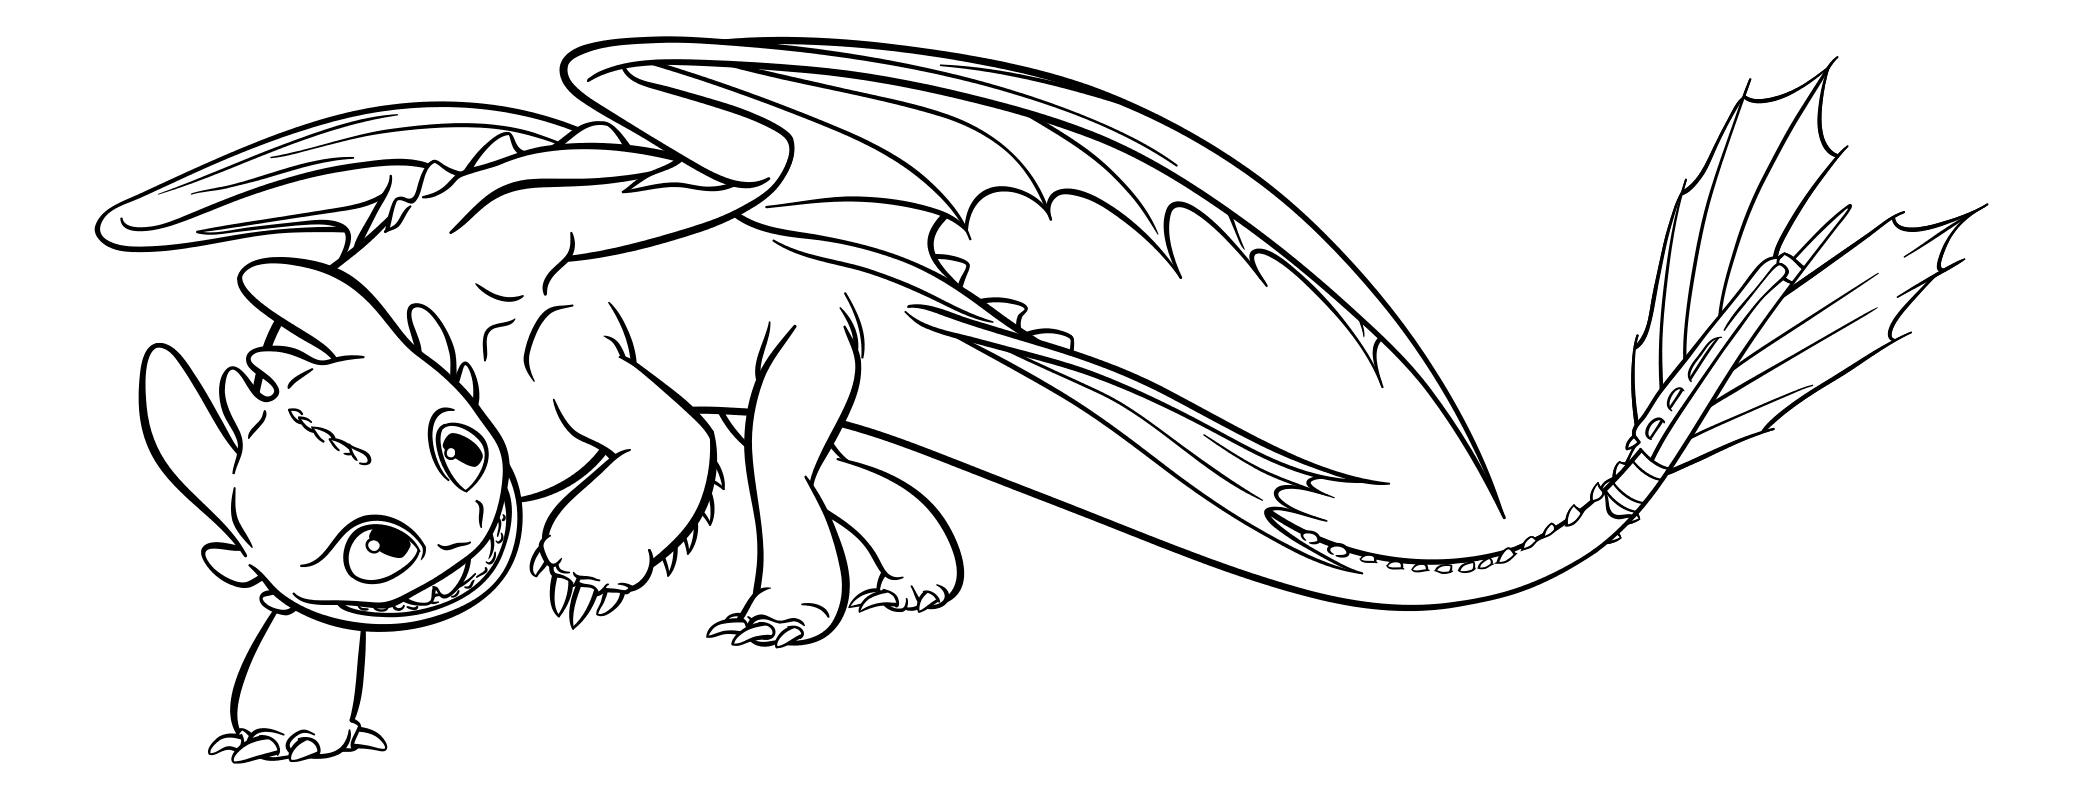 Раскраска - Как приручить дракона 3 - Беззубик - игривый ...